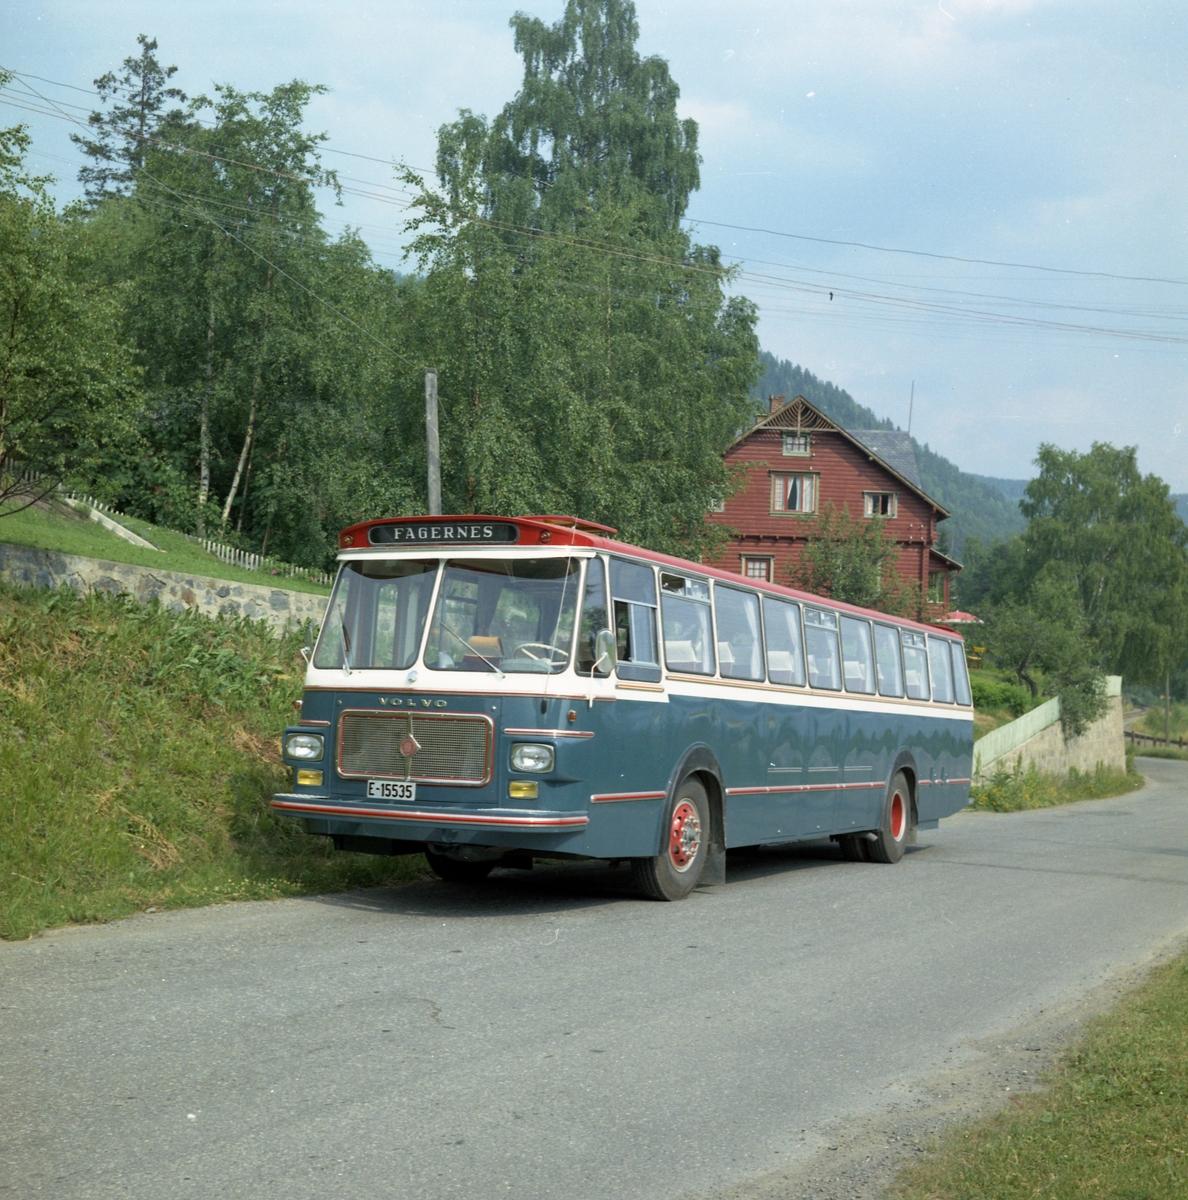 E-15535, buss tilhørende A.S Jotunheimen og Valdresruten Bilselskap.